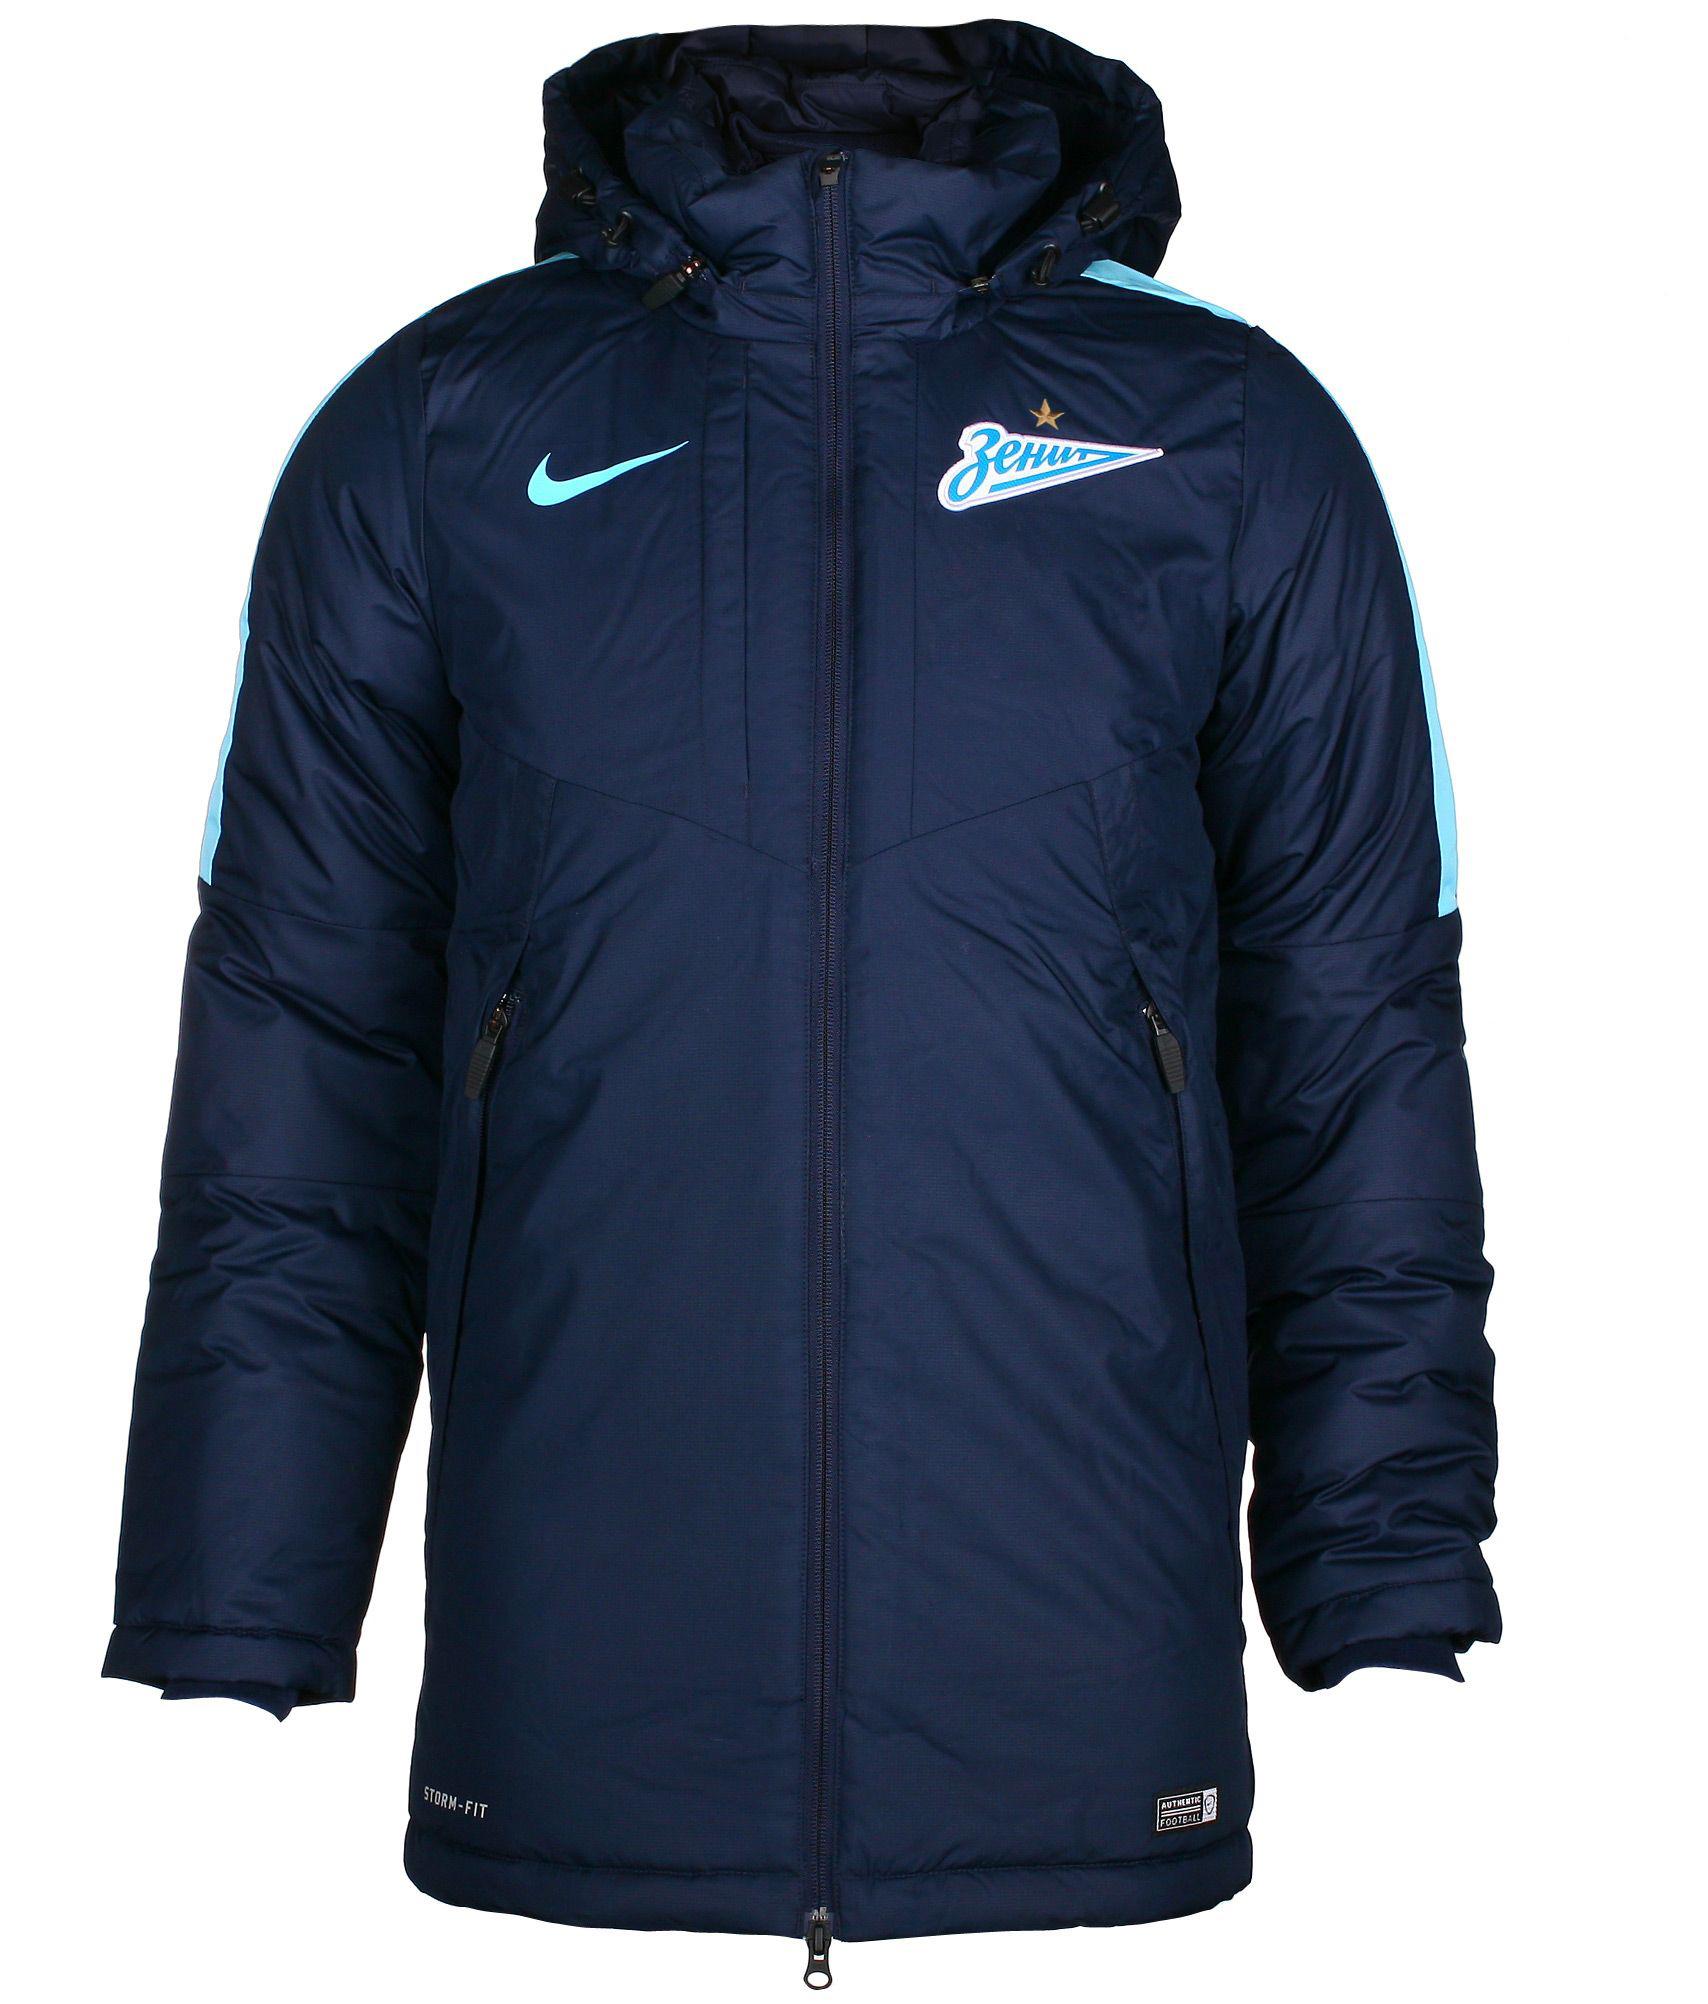 Куртка зимняя Nike , Цвет-Темно-Синий, Размер-XL